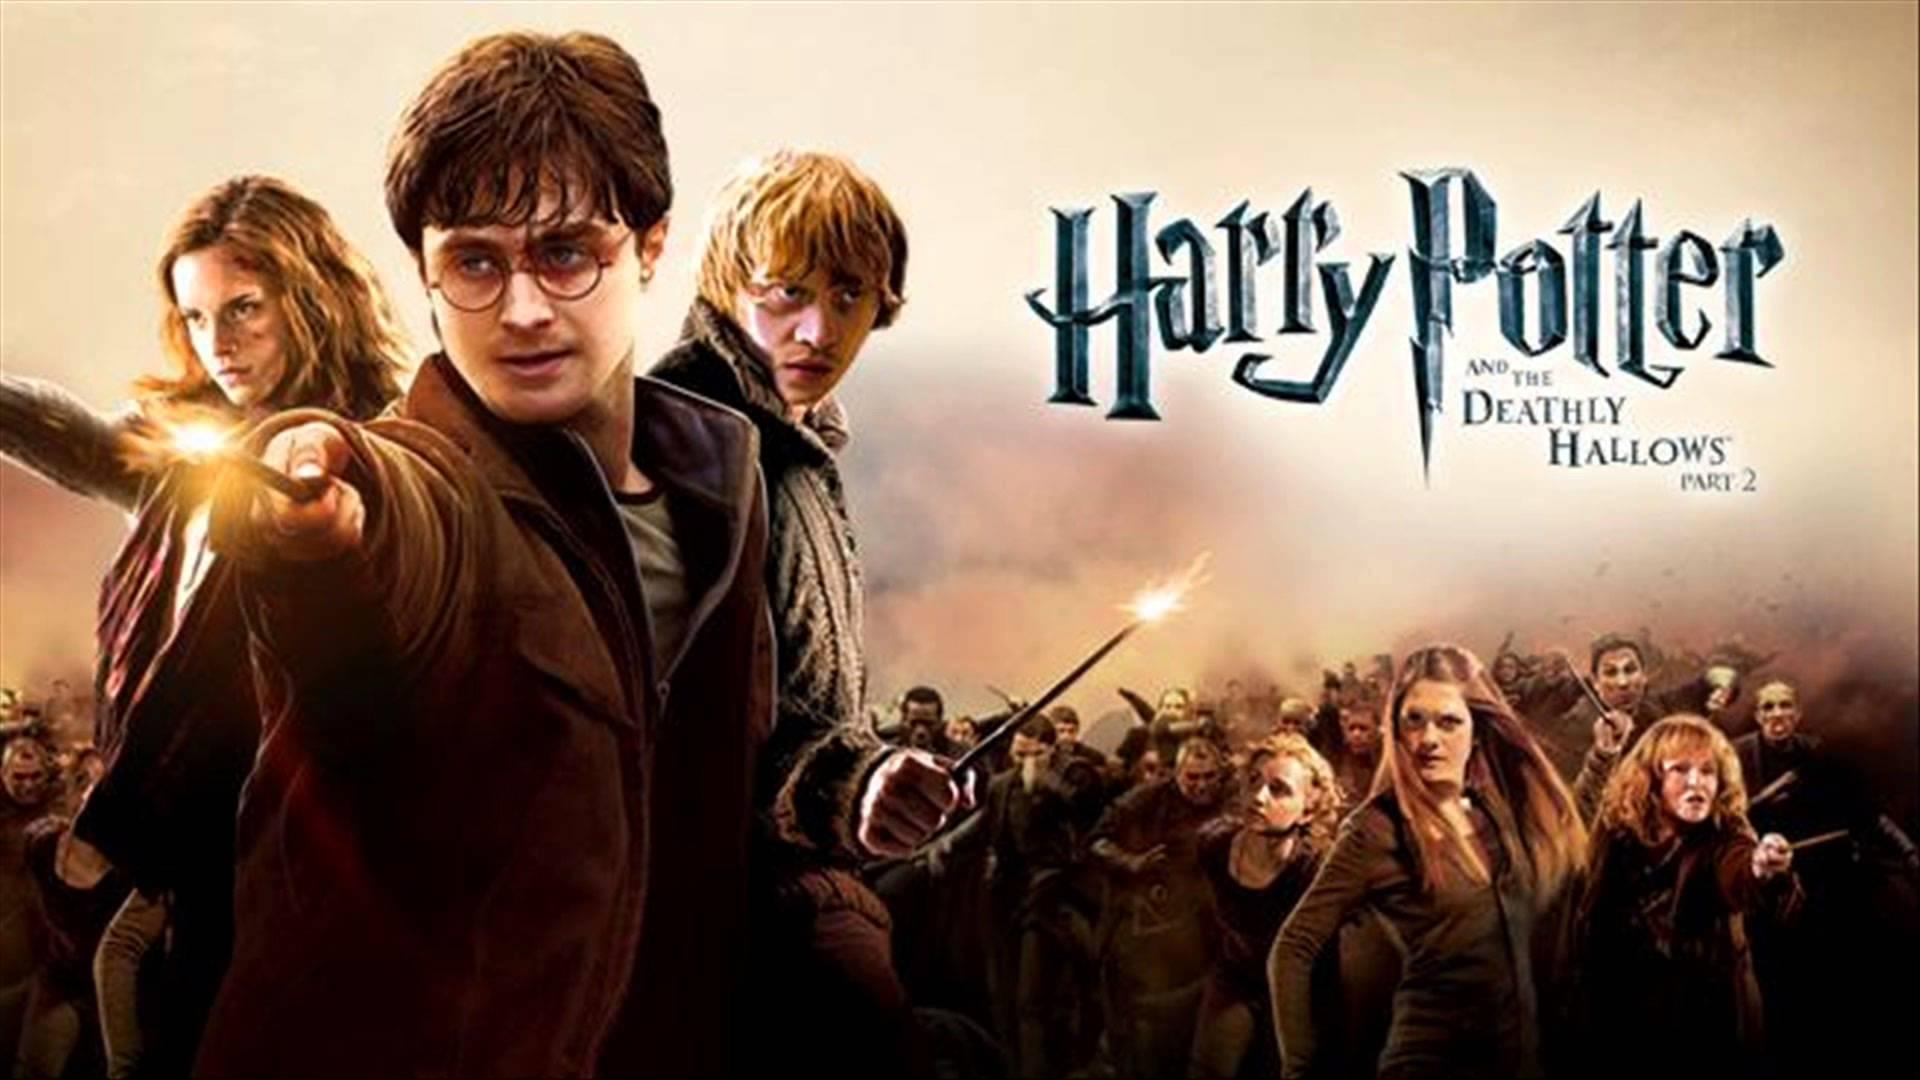 poster phần phim phim Harry Potter và Bảo bối tử thần phần 2, gồm 3 nhân vật chính cùng với bạn bè và già đình của họ ở Hogwart đứng lên chống lại Chúa tể hắc ám